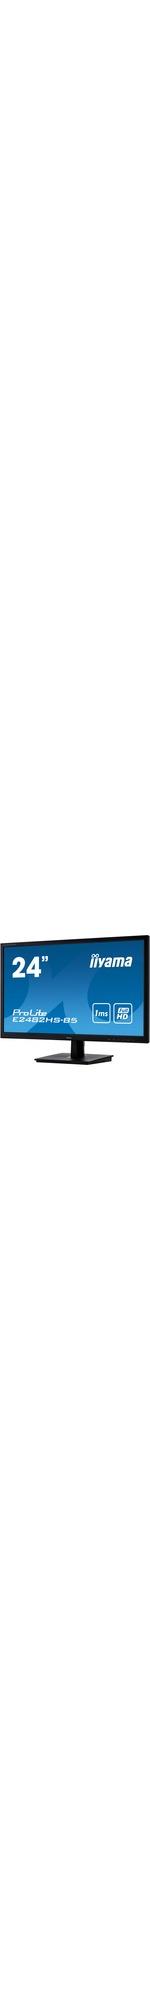 iiyama ProLite E2482HS-B5 24And#34; Full HD LED LCD Monitor - 16:9 - Matte Black